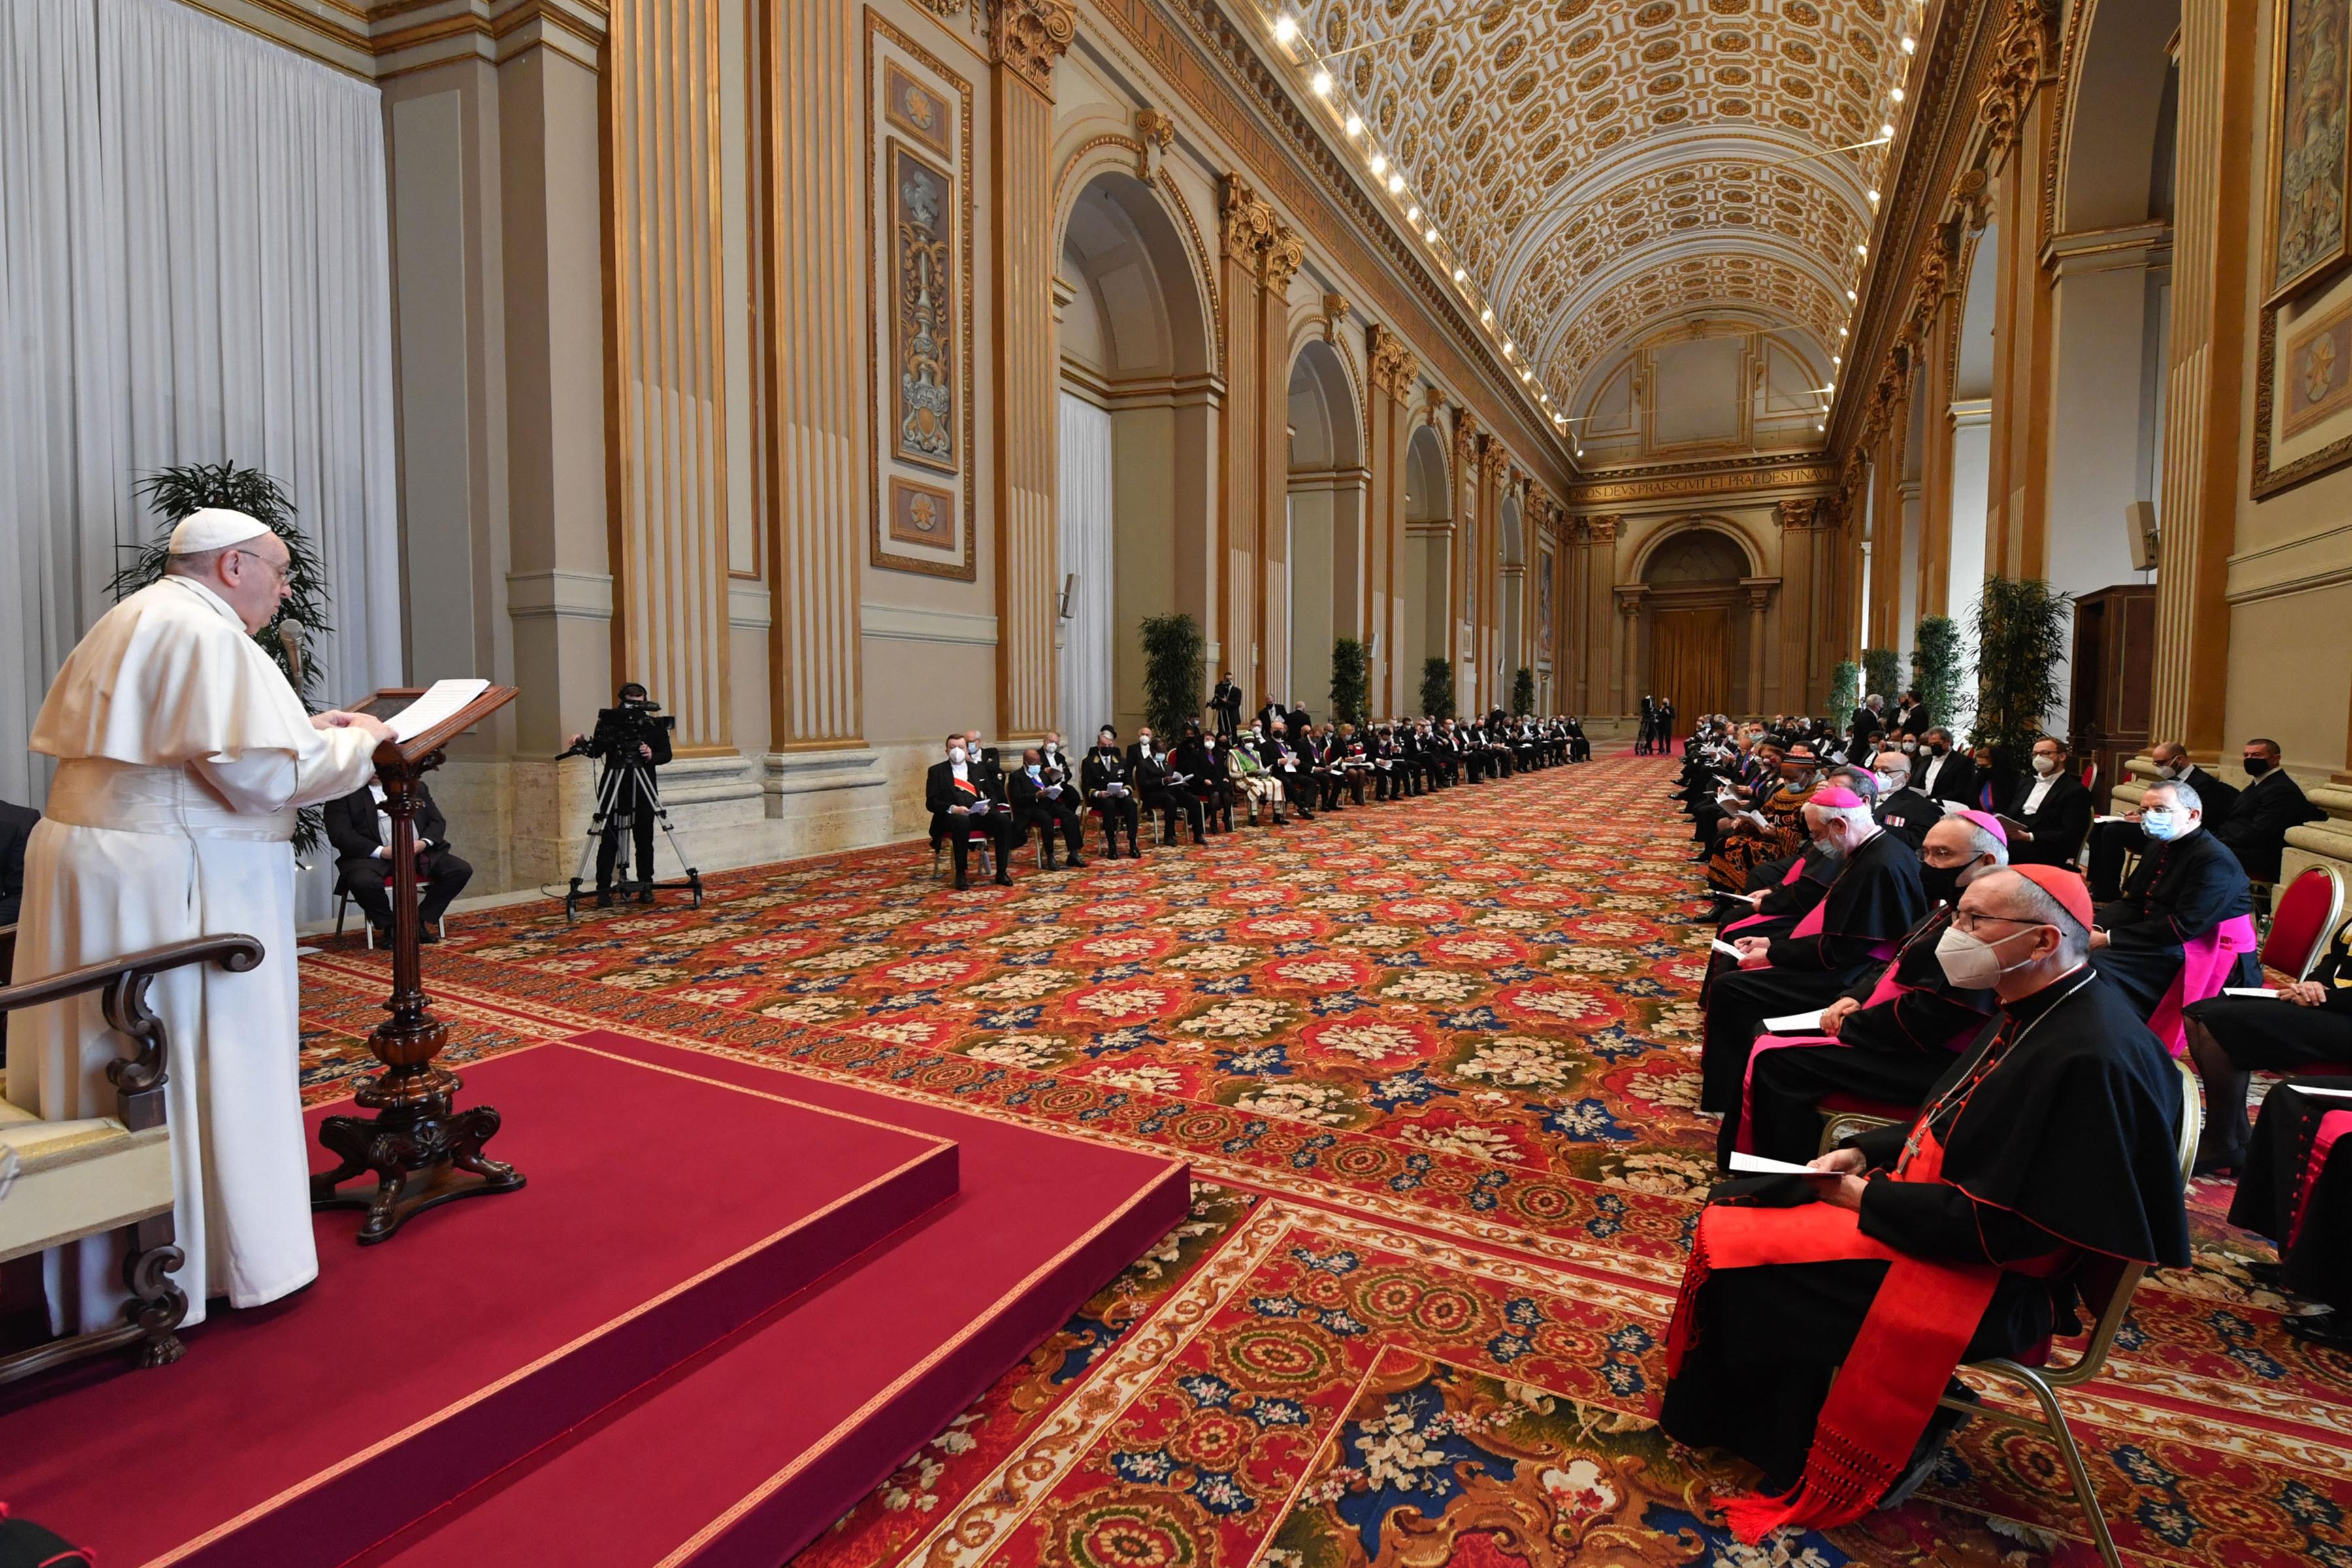 Ferenc pápa felszólította a mianmari hadsereget, hogy térjen vissza a demokrácia útjára